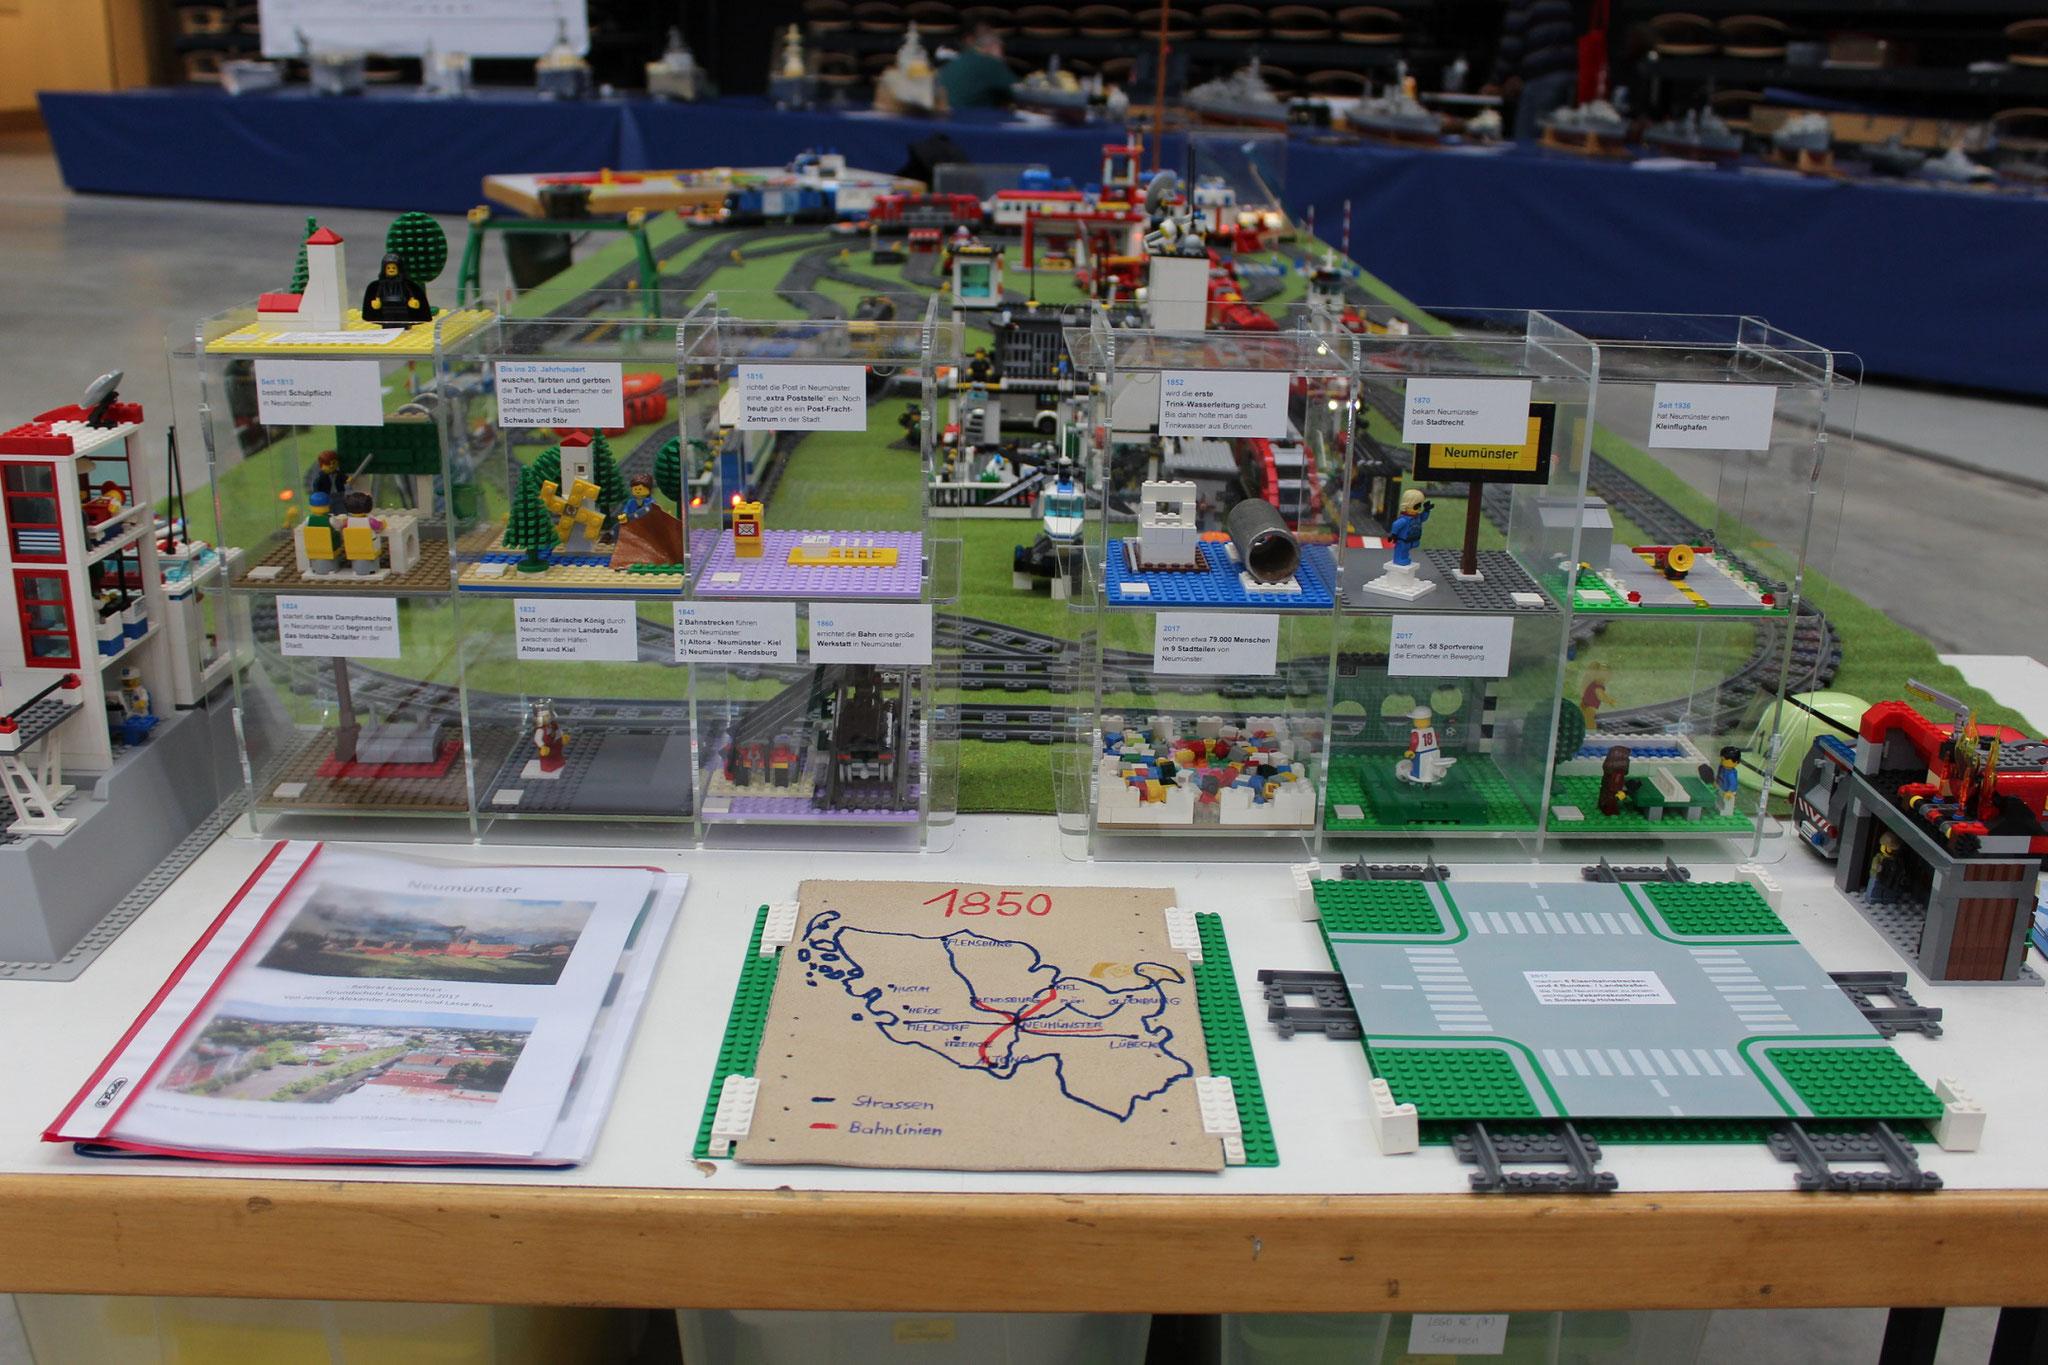 Neumünster-Grundschulreferat mit Lego-Klemmbausteinen